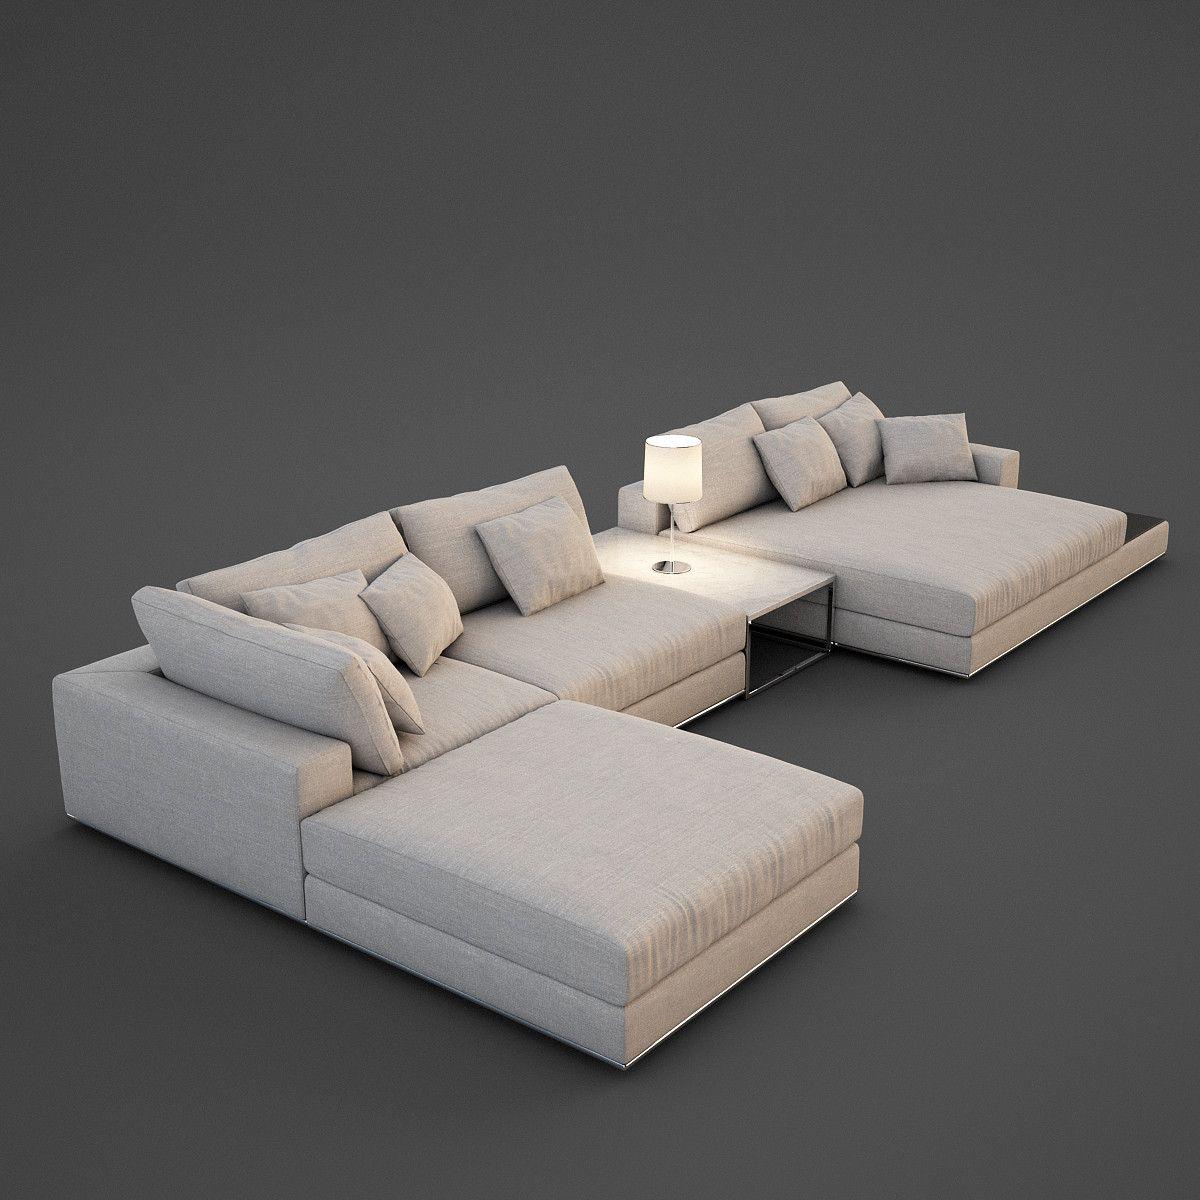 realistic sofa 3d max | Furniture & Decor | Pinterest | Haus ideen ...